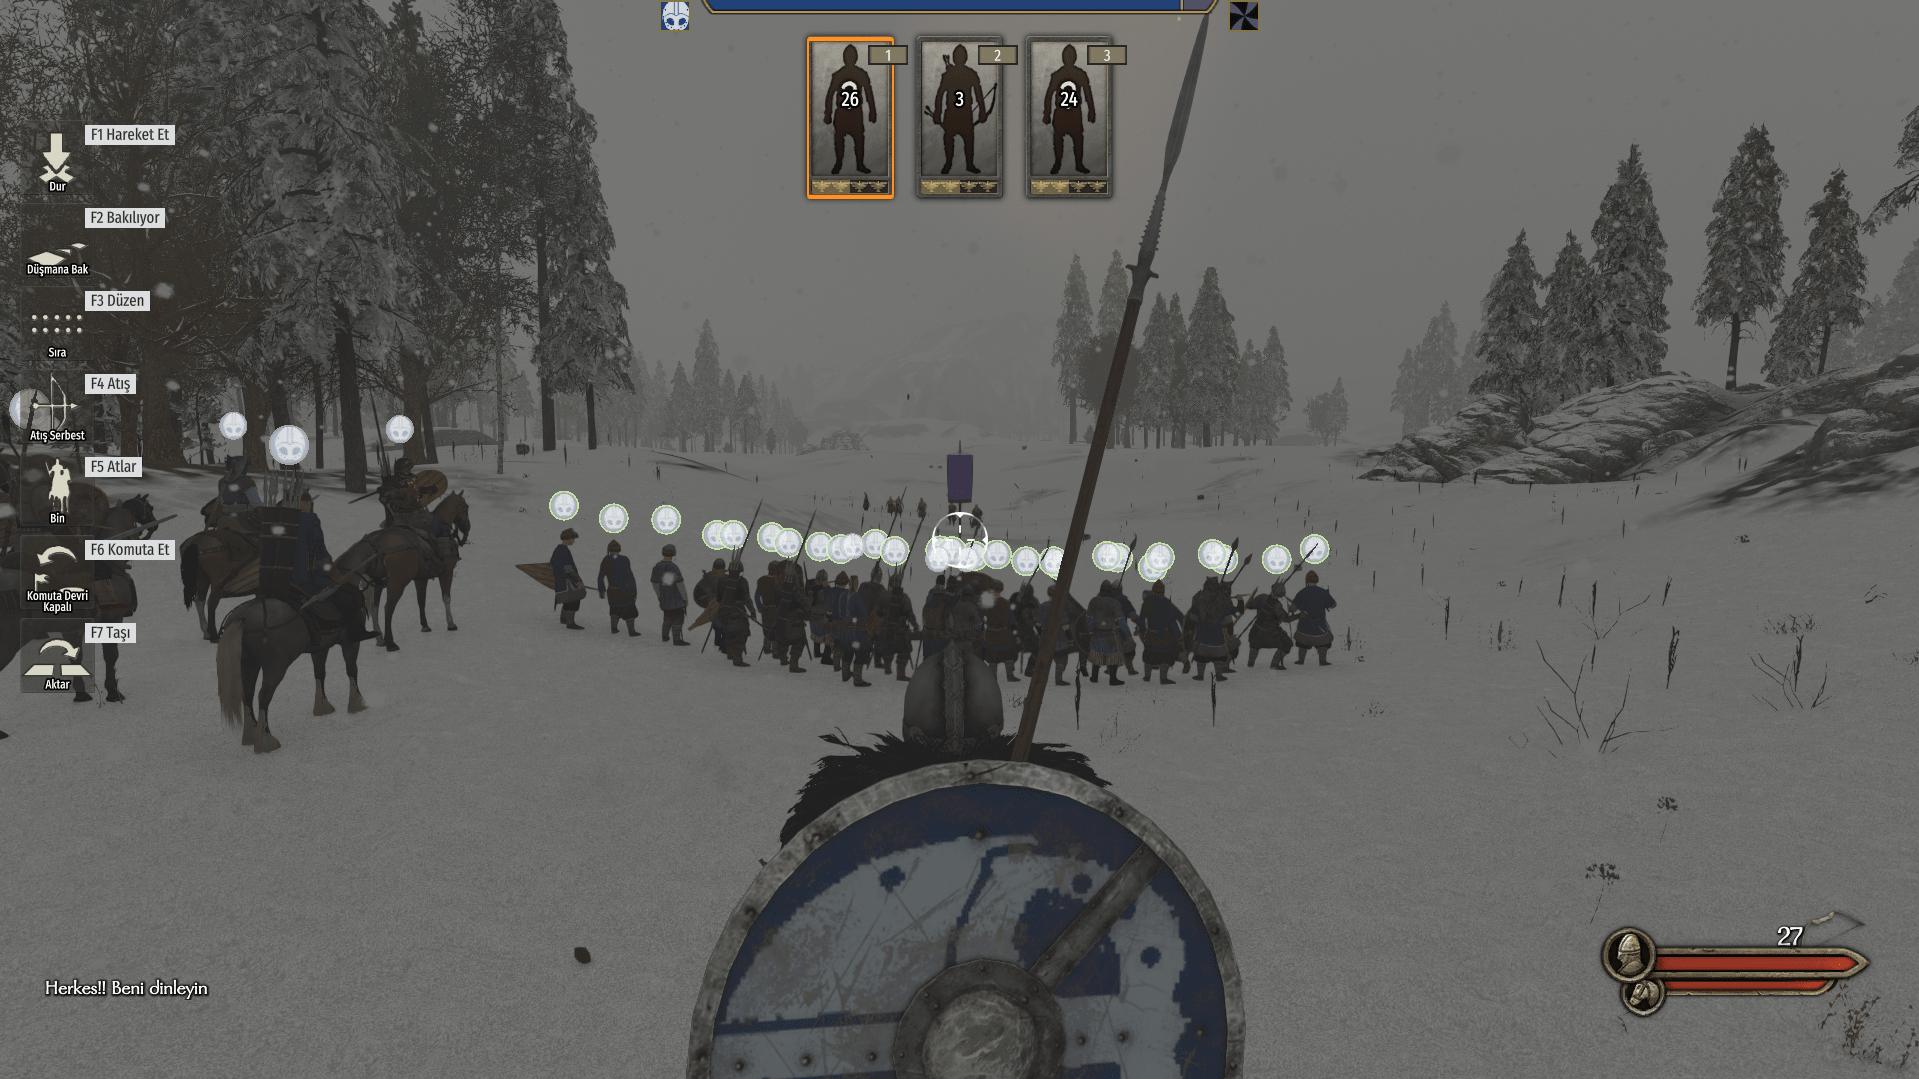 Bannerlord savaşı yönetmek